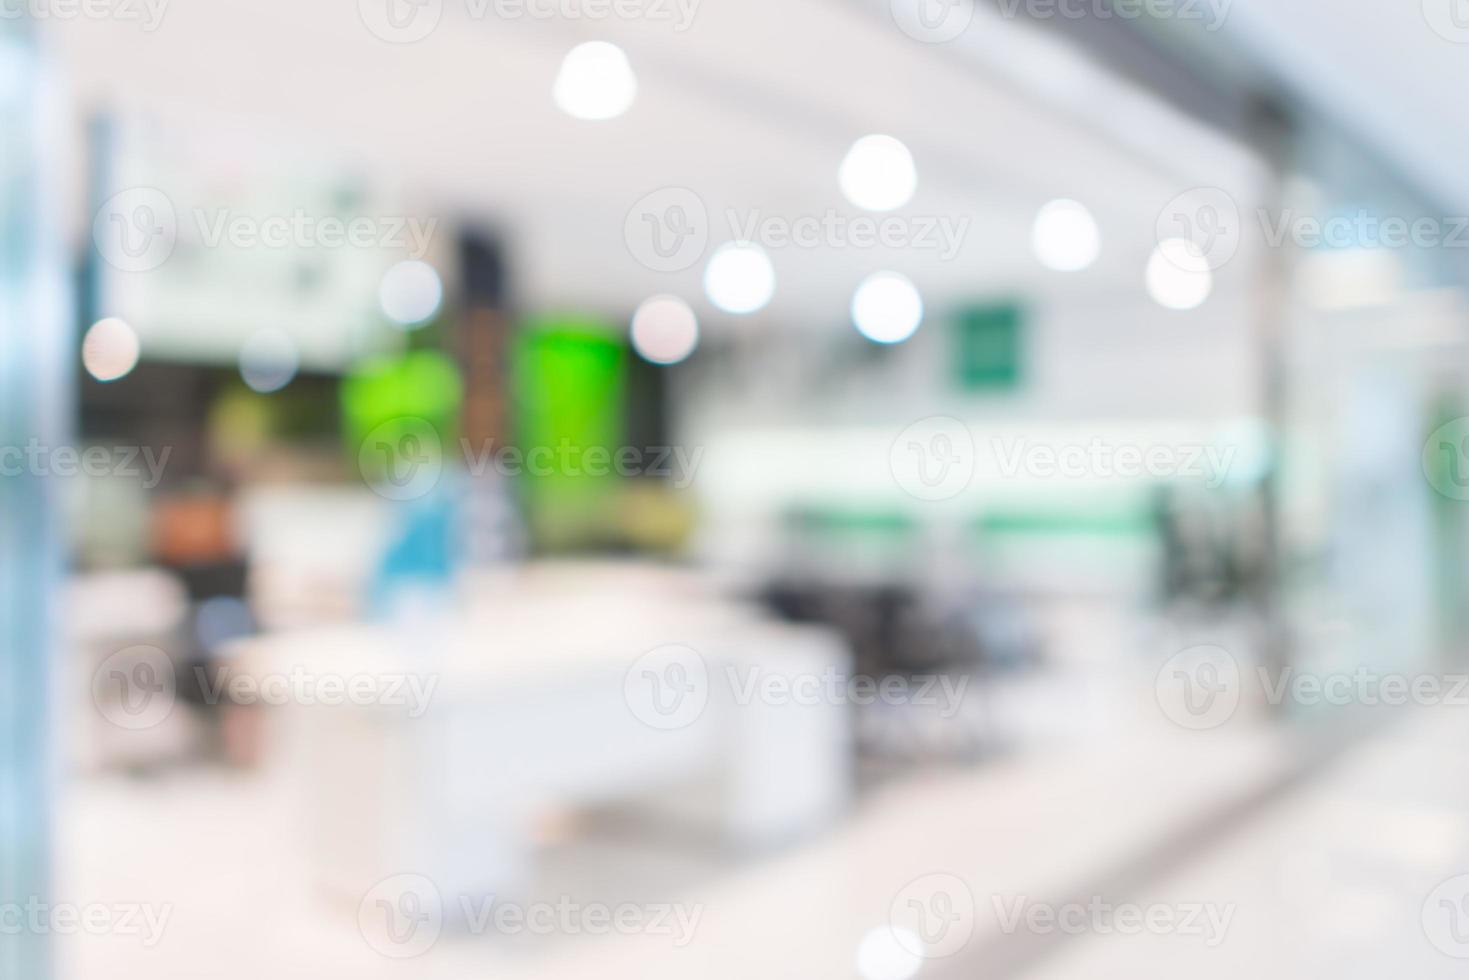 Geschäft, Einkaufszentrum Büro abstrakt defokussiert unscharfen Hintergrund foto